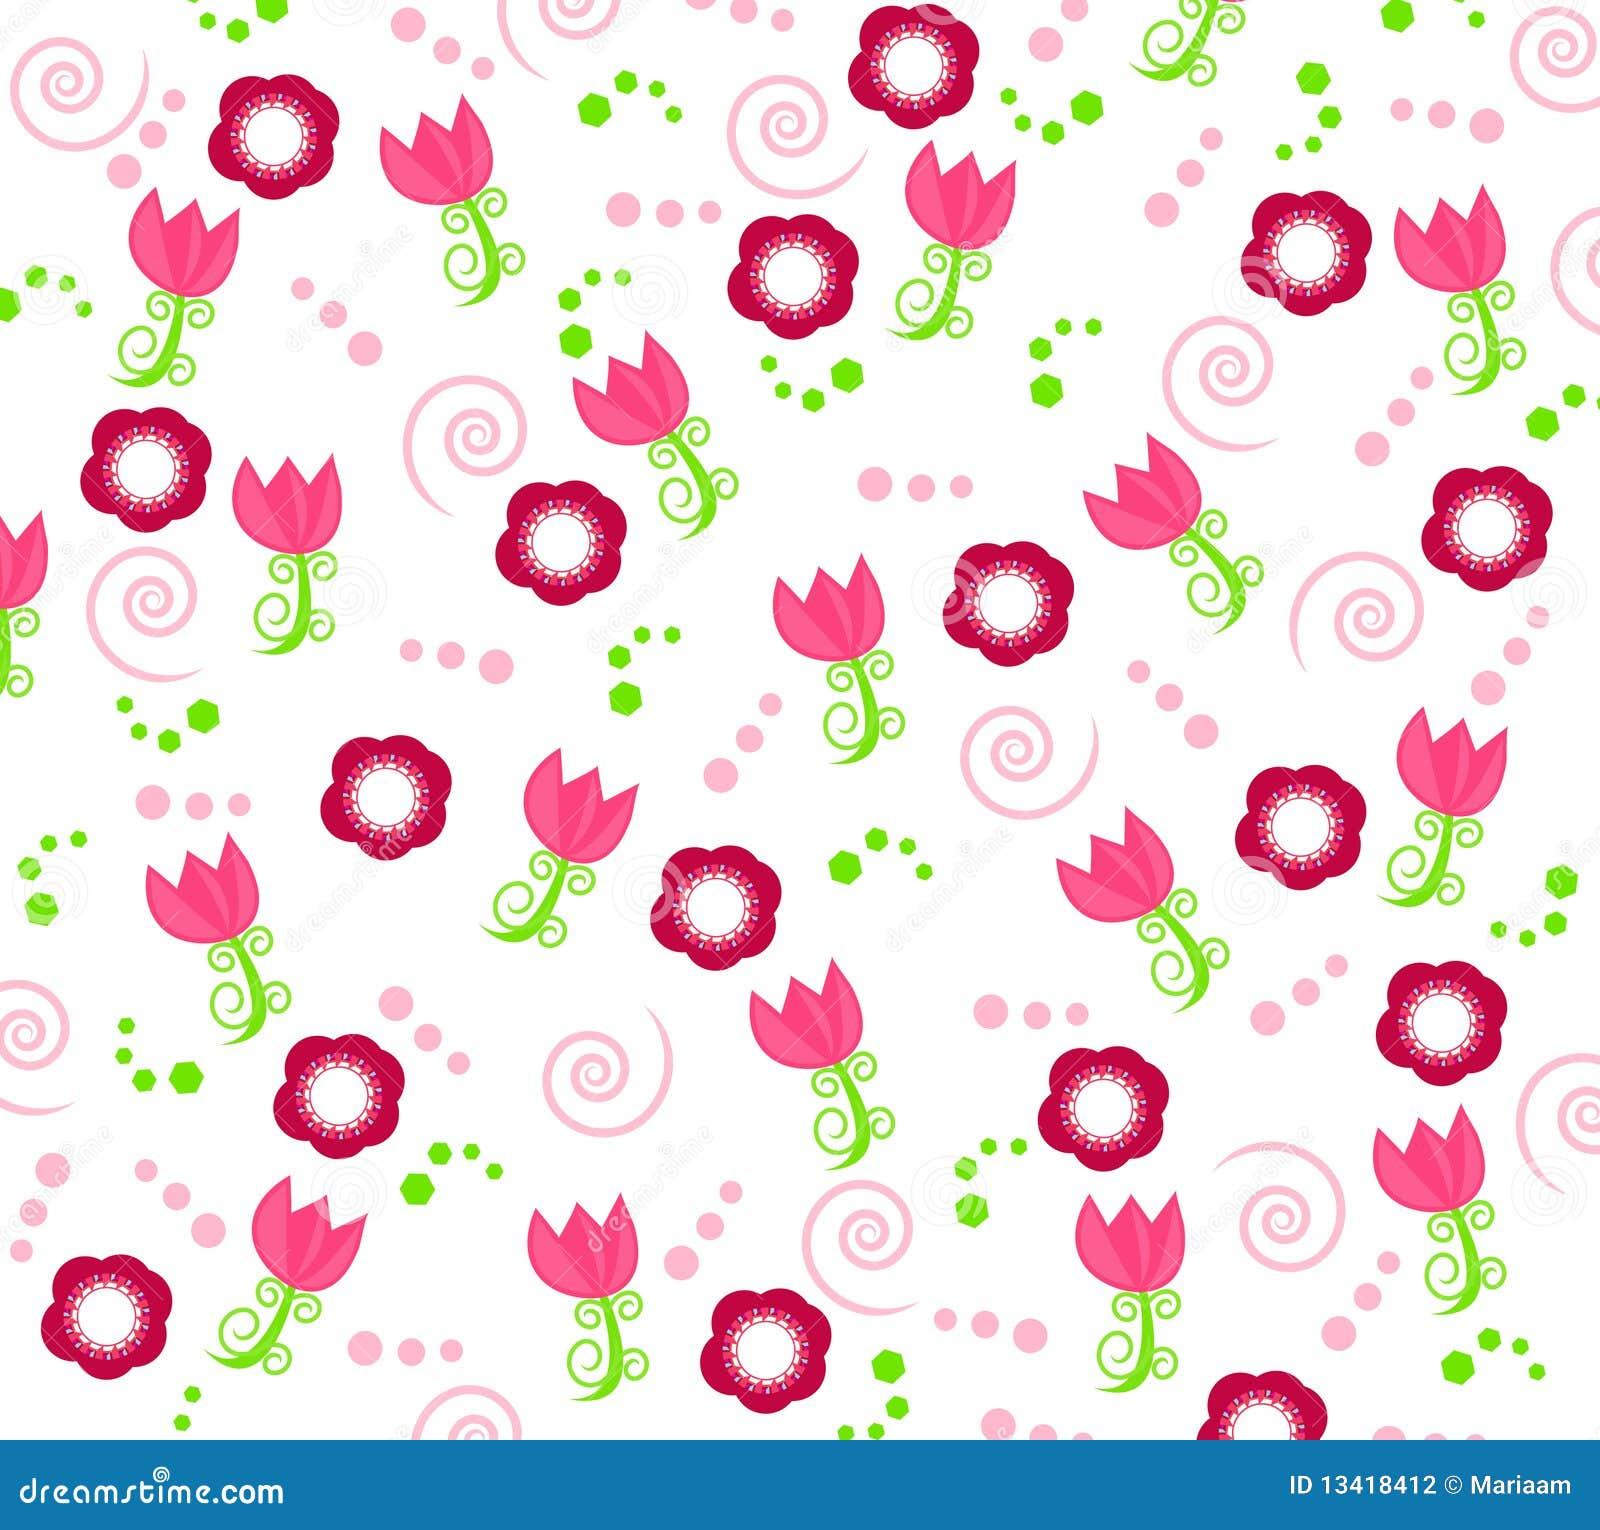 cute little flowers wallpaper - photo #34